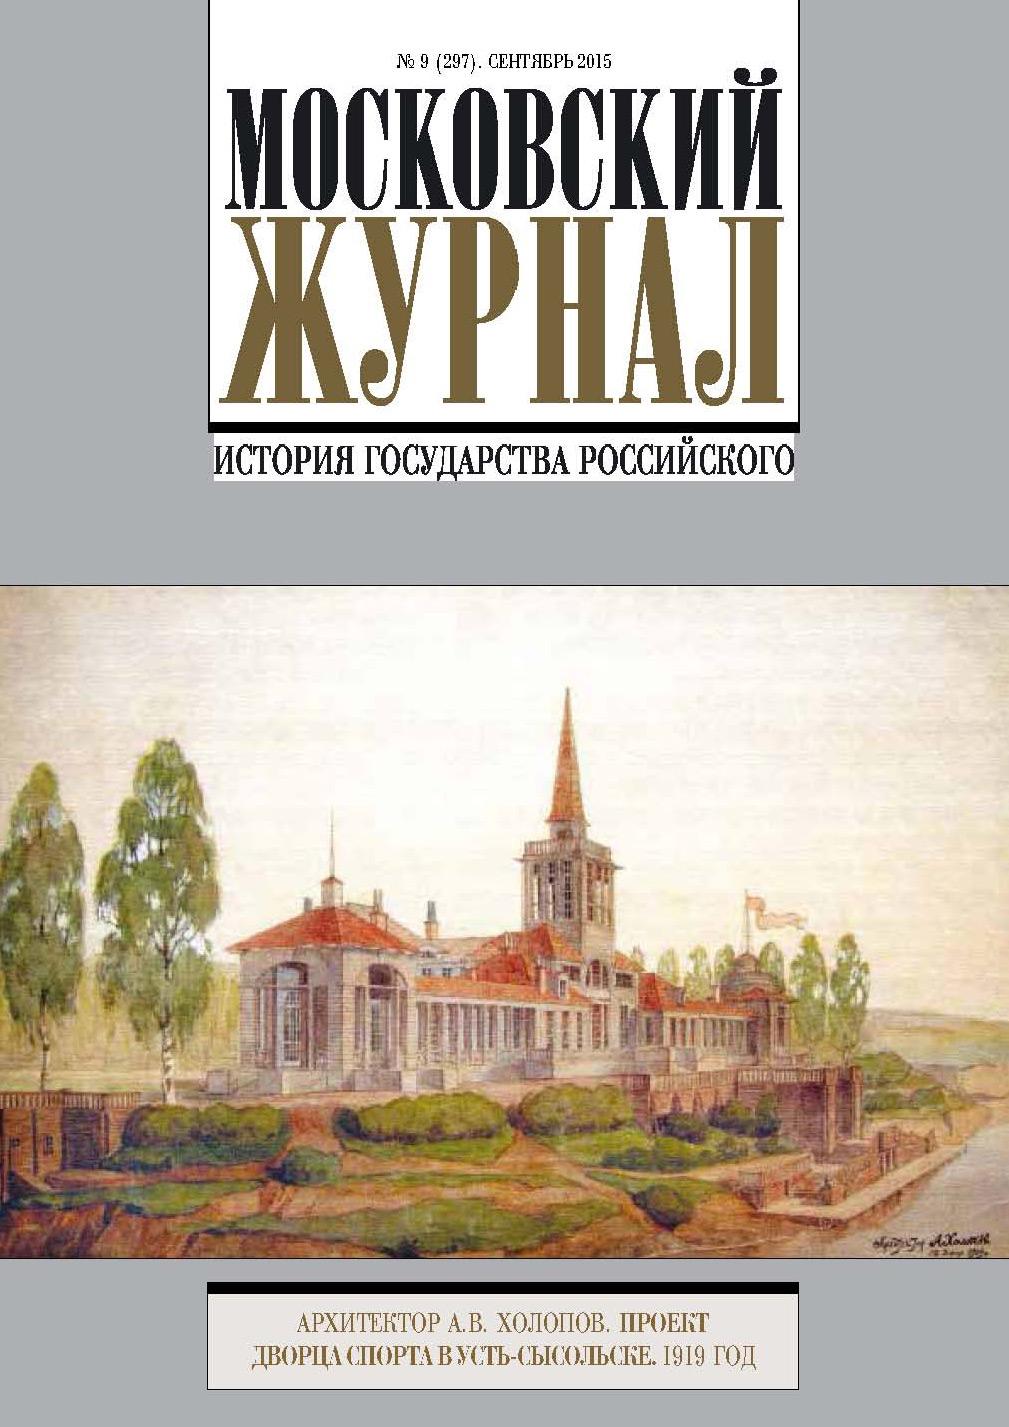 Московский Журнал. История государства Российского №9 (297) 2015